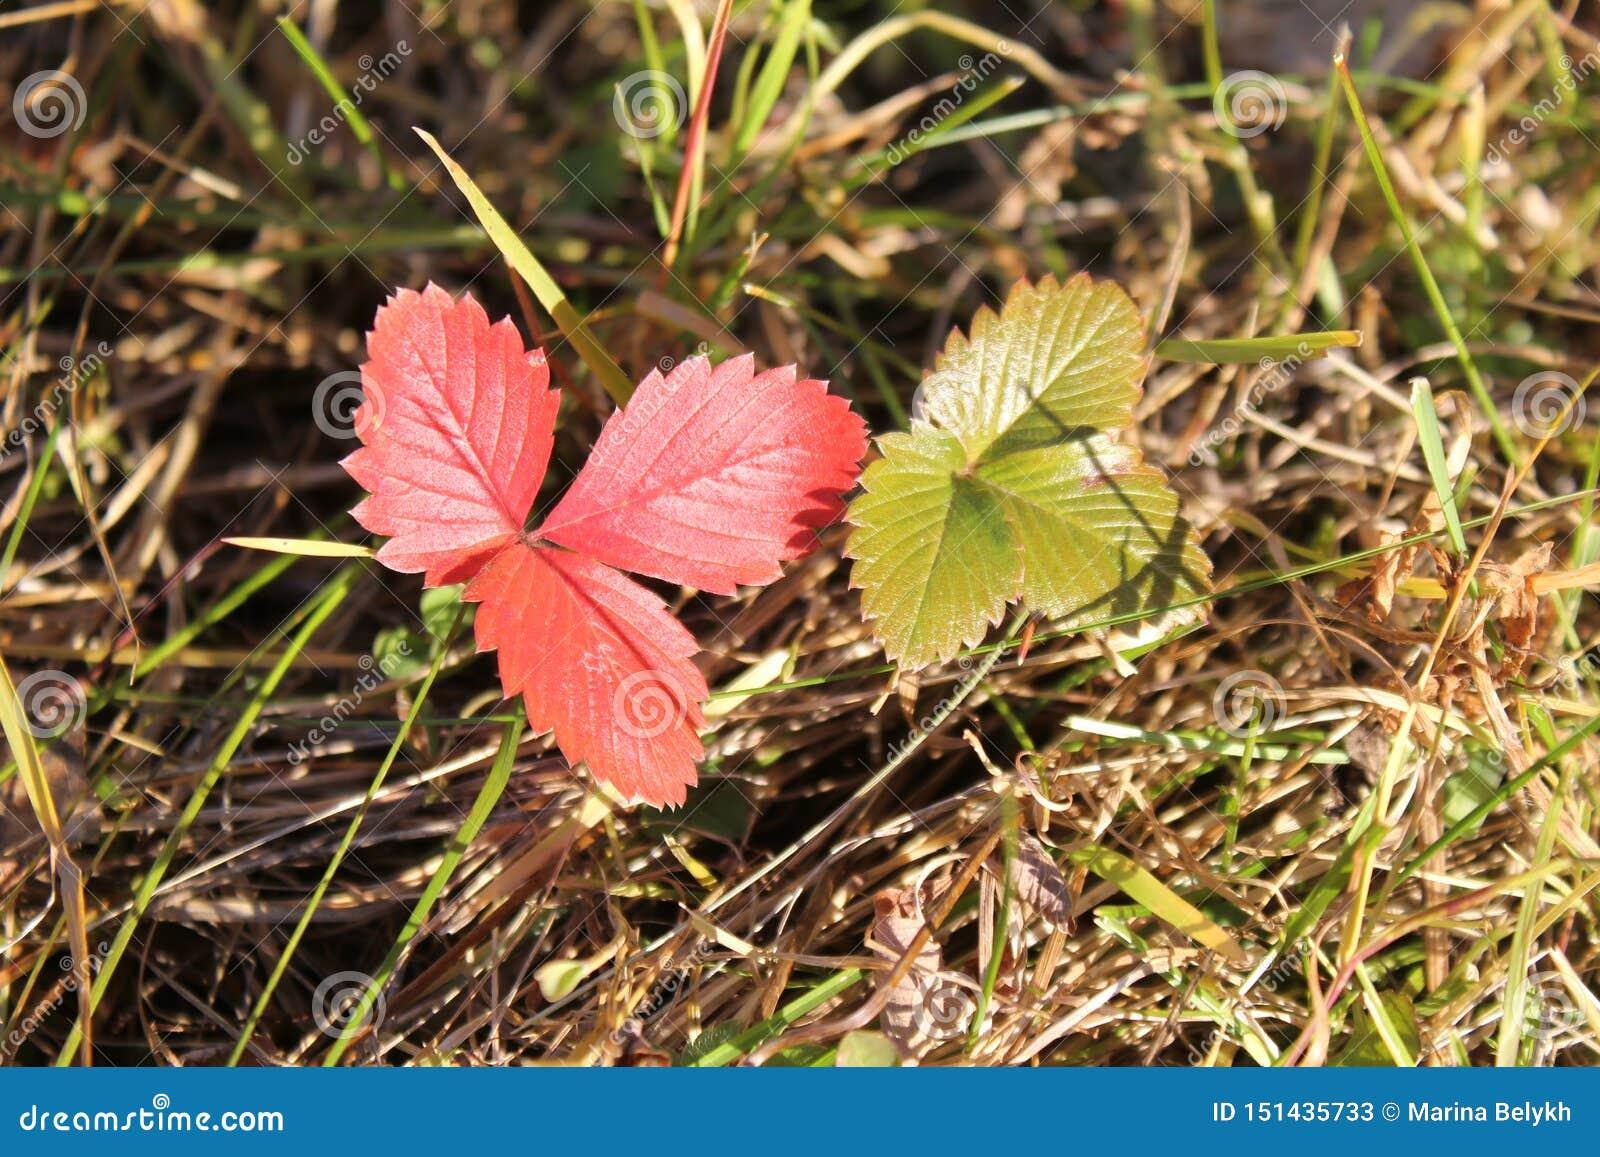 Folhas vermelhas e verdes dos morangos silvestres na grama do outono